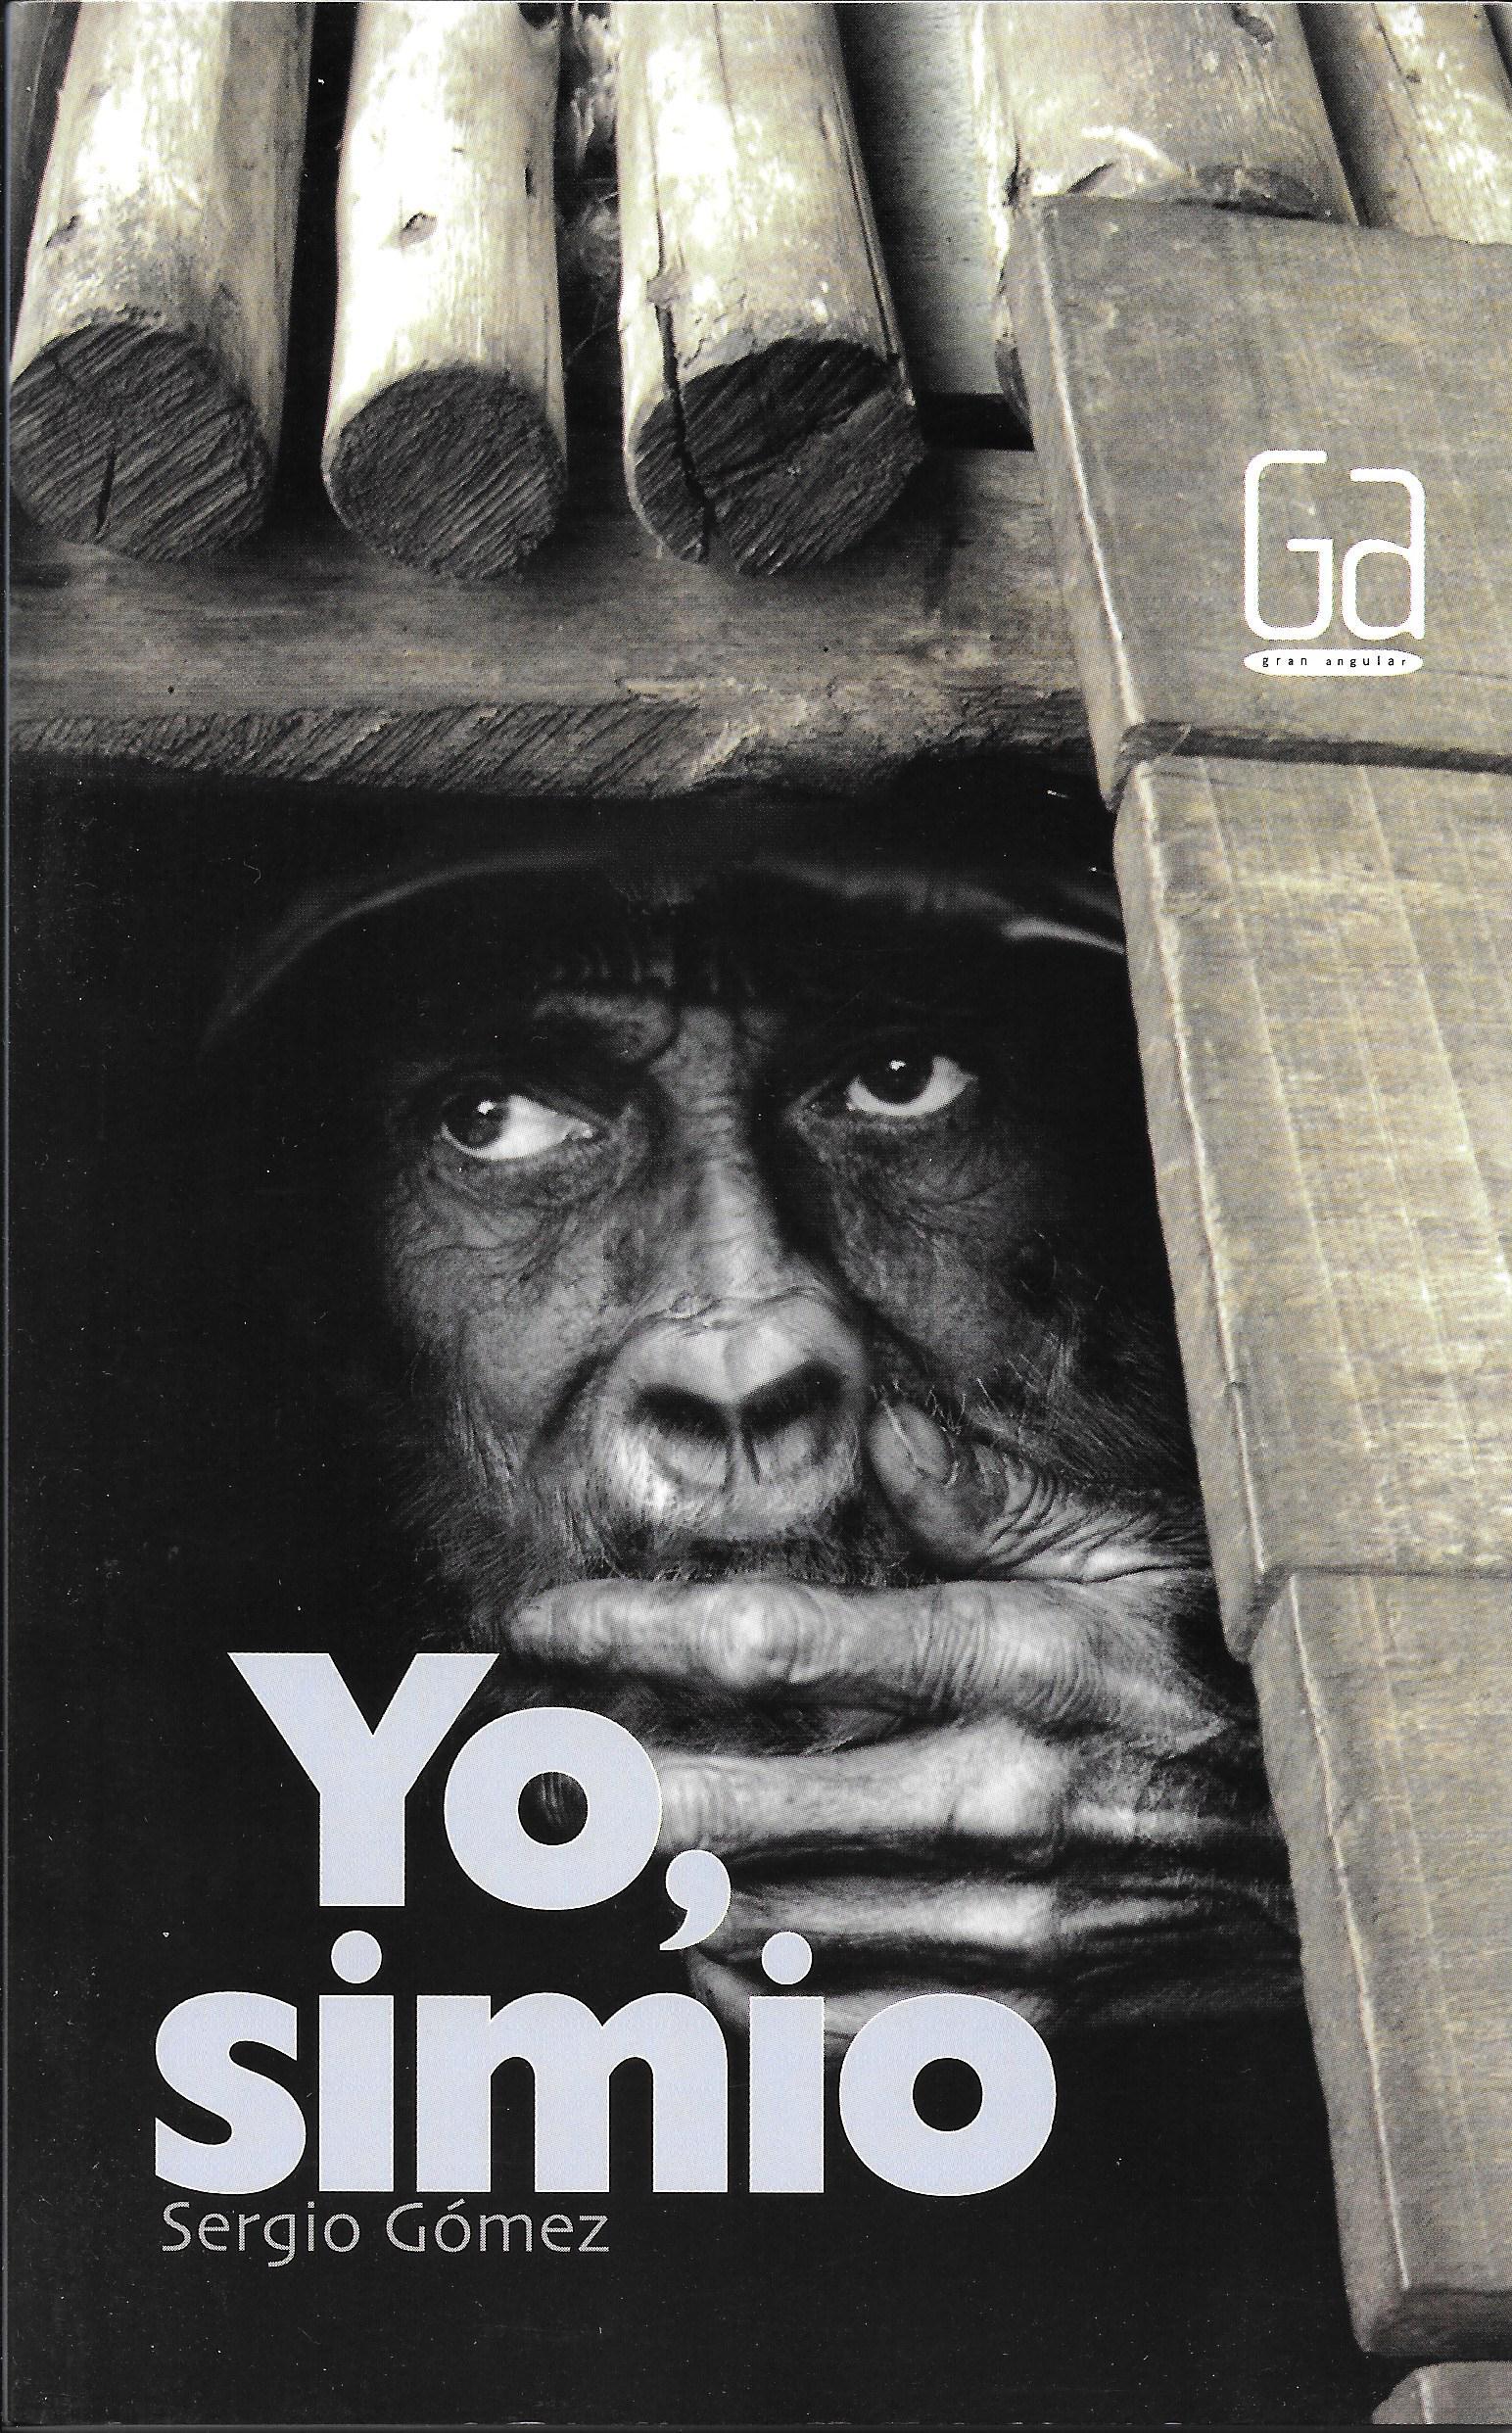 Yo, simio Yo simio (I, Ape)